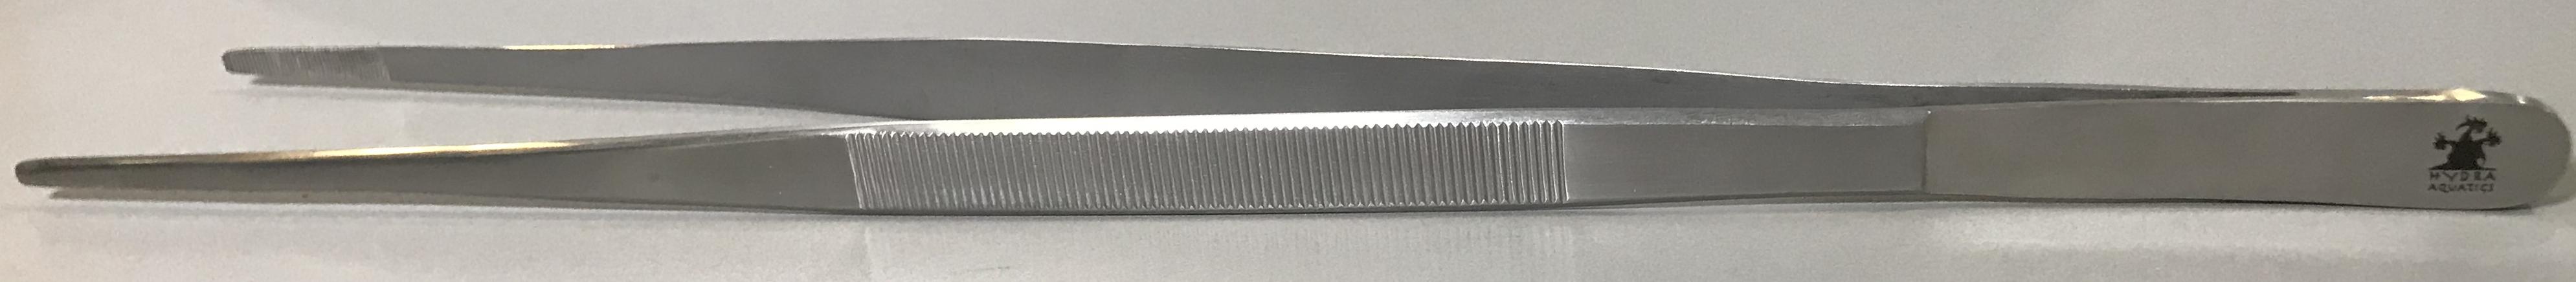 Grip Pinsette Tweezers - 15.75